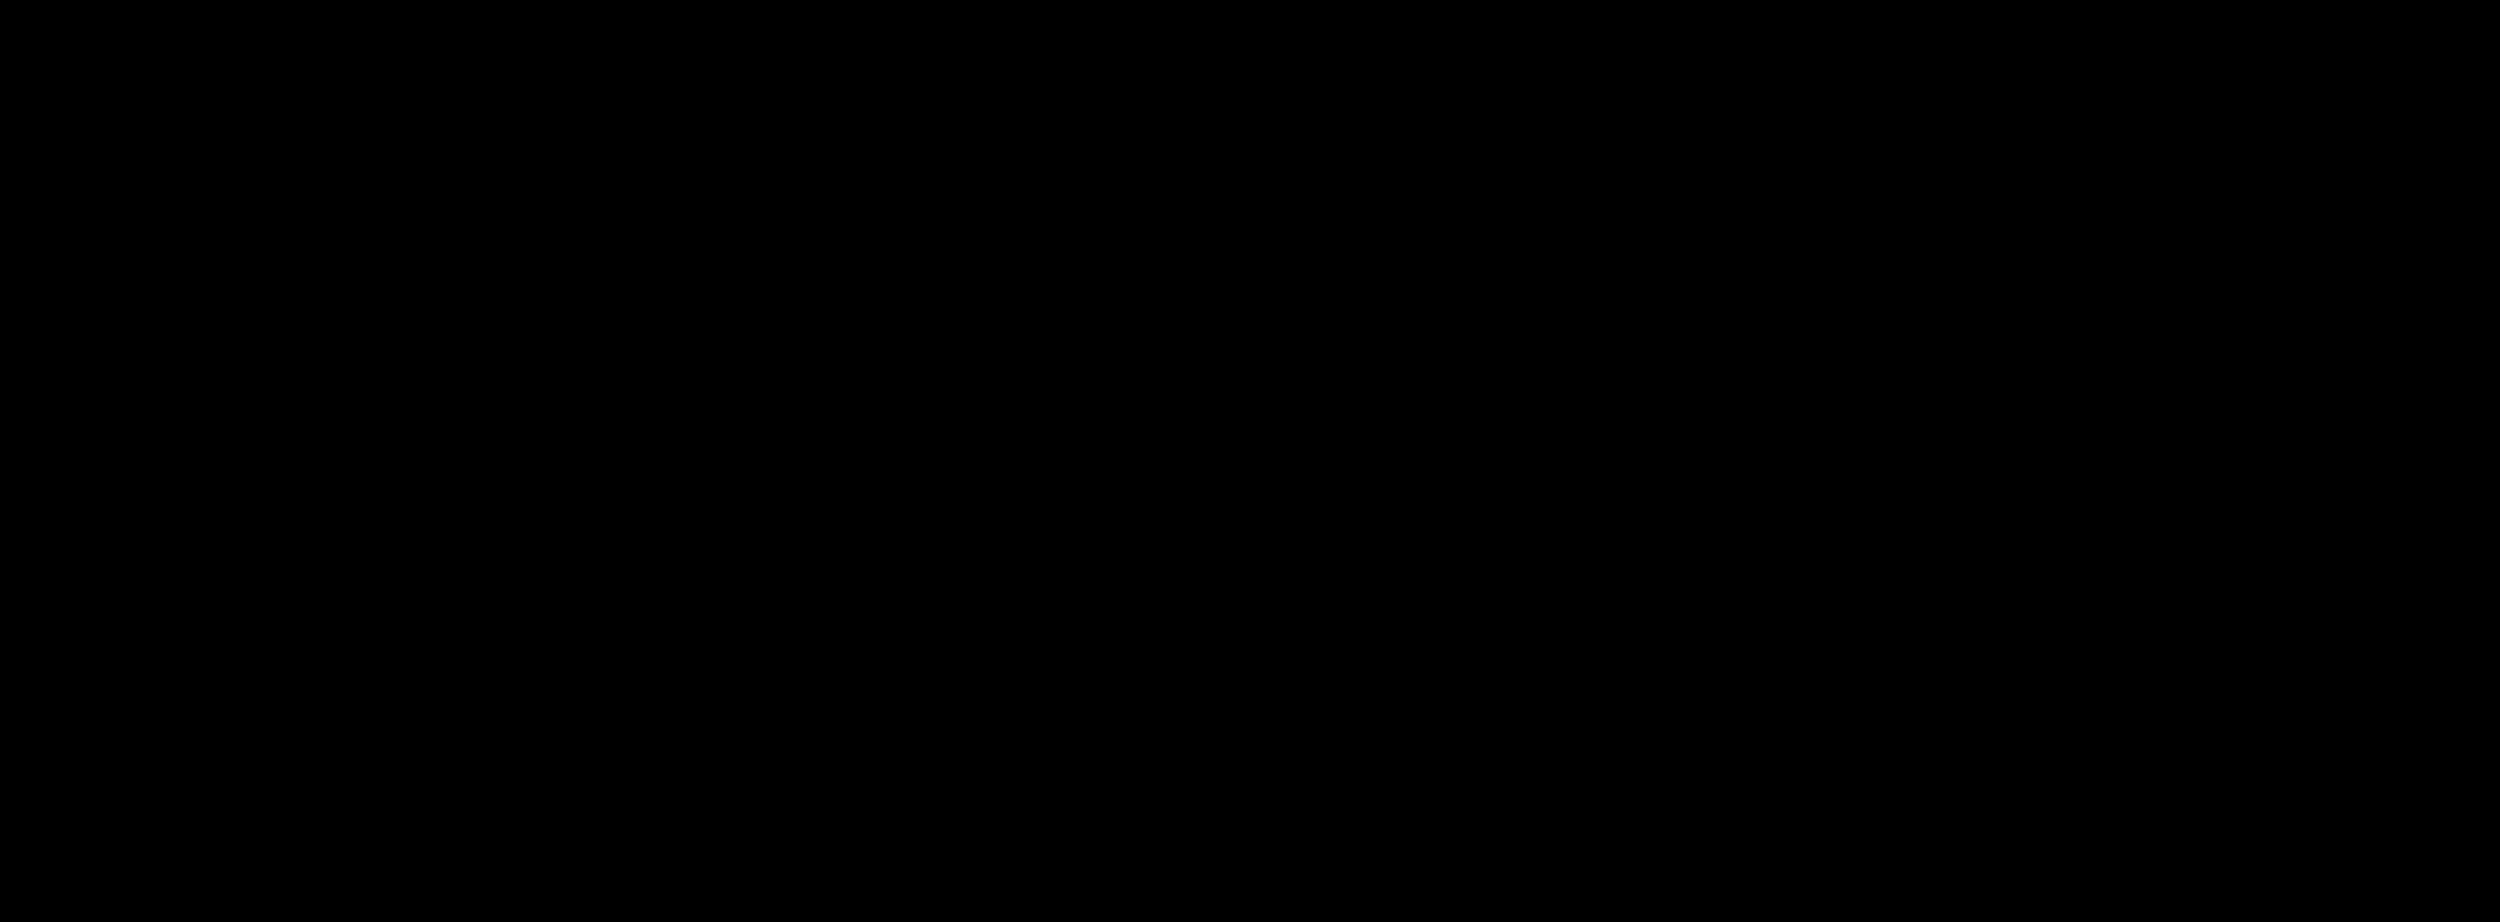 YY 2019 logo white.png